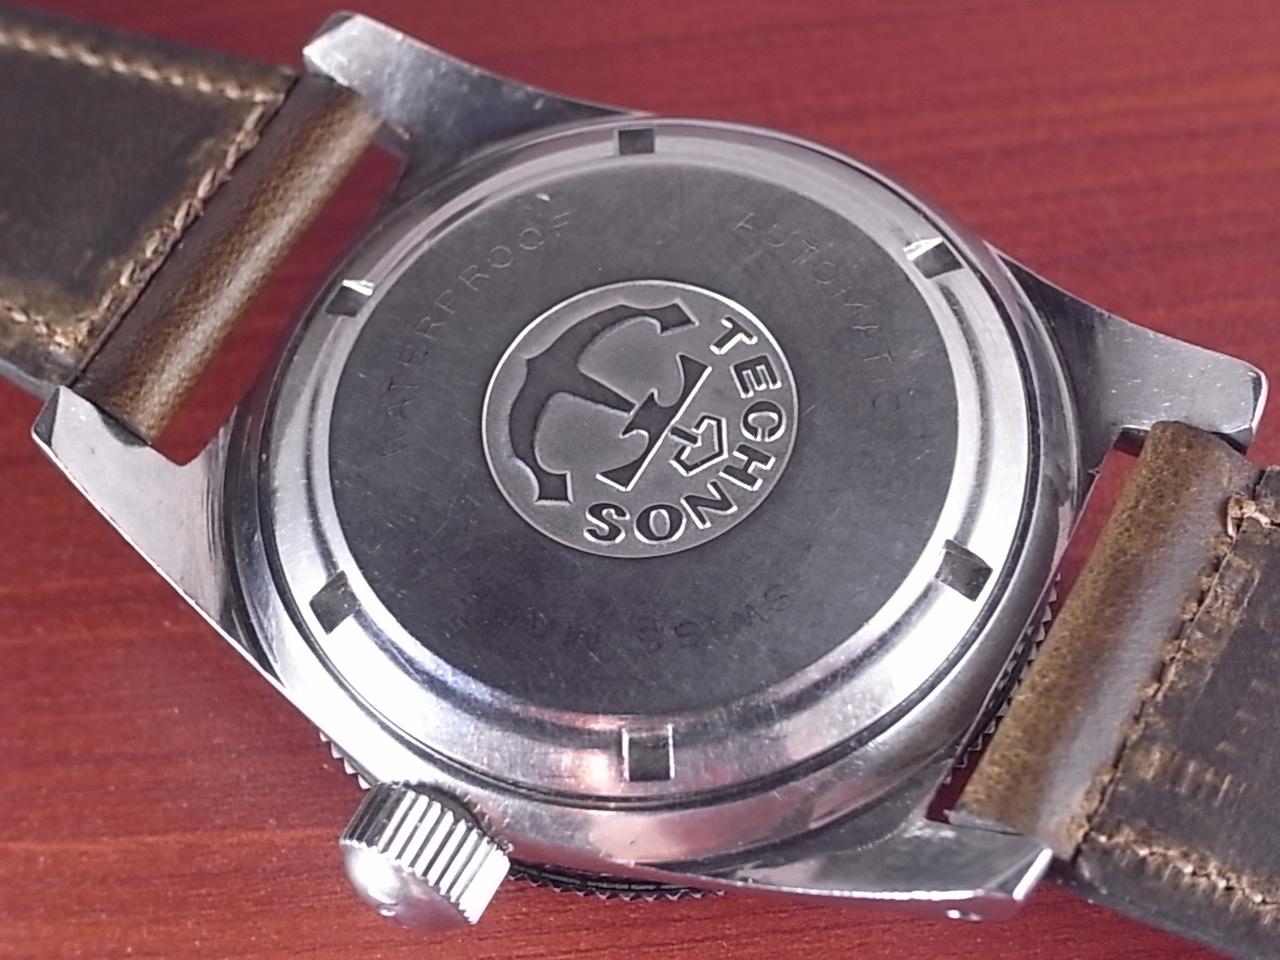 テクノス スカイダイバー ブラックミラーダイアル 30JEWELS 1960年代の写真4枚目